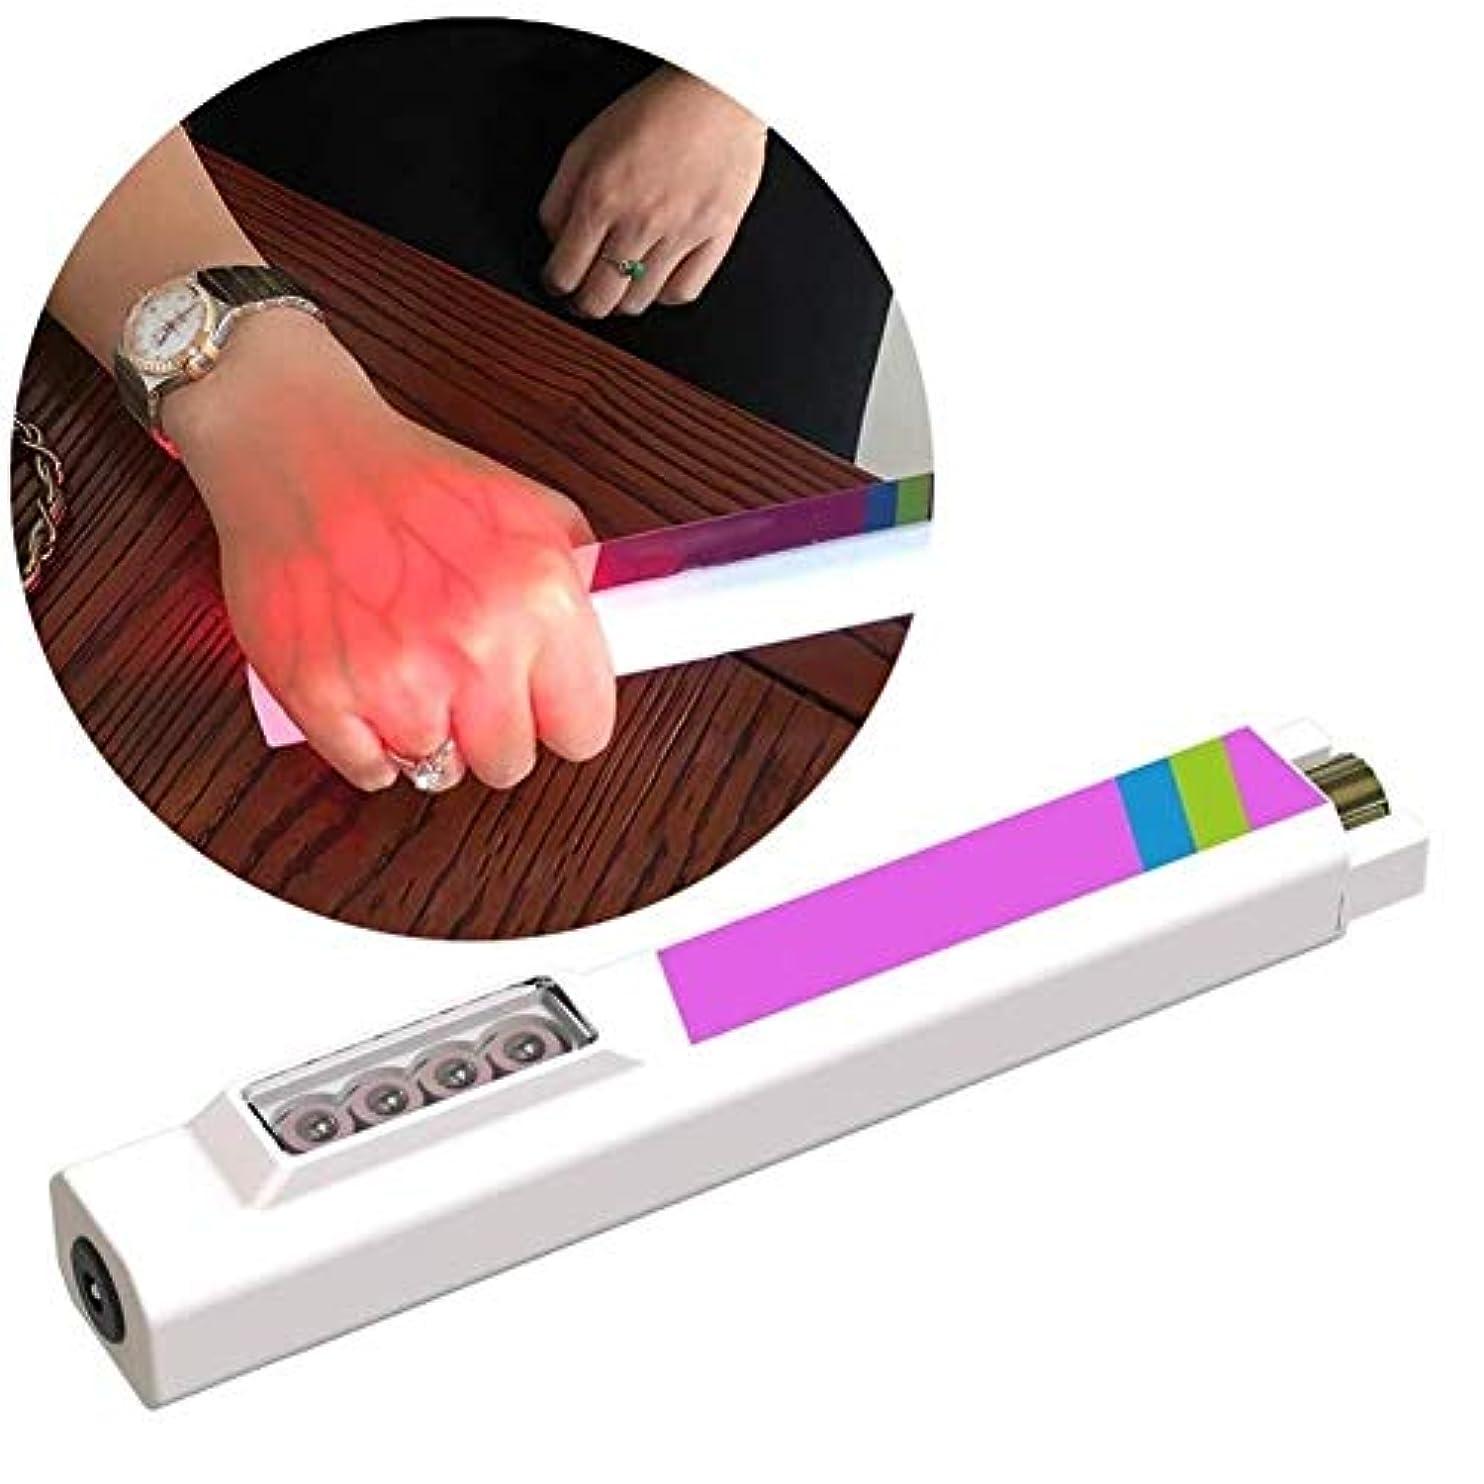 ねばねば寄稿者コイル静脈イメージング懐中電灯血管ディスプレイ懐中電灯手穿刺による血管ライトの確認皮下静脈デバイスの発見が容易